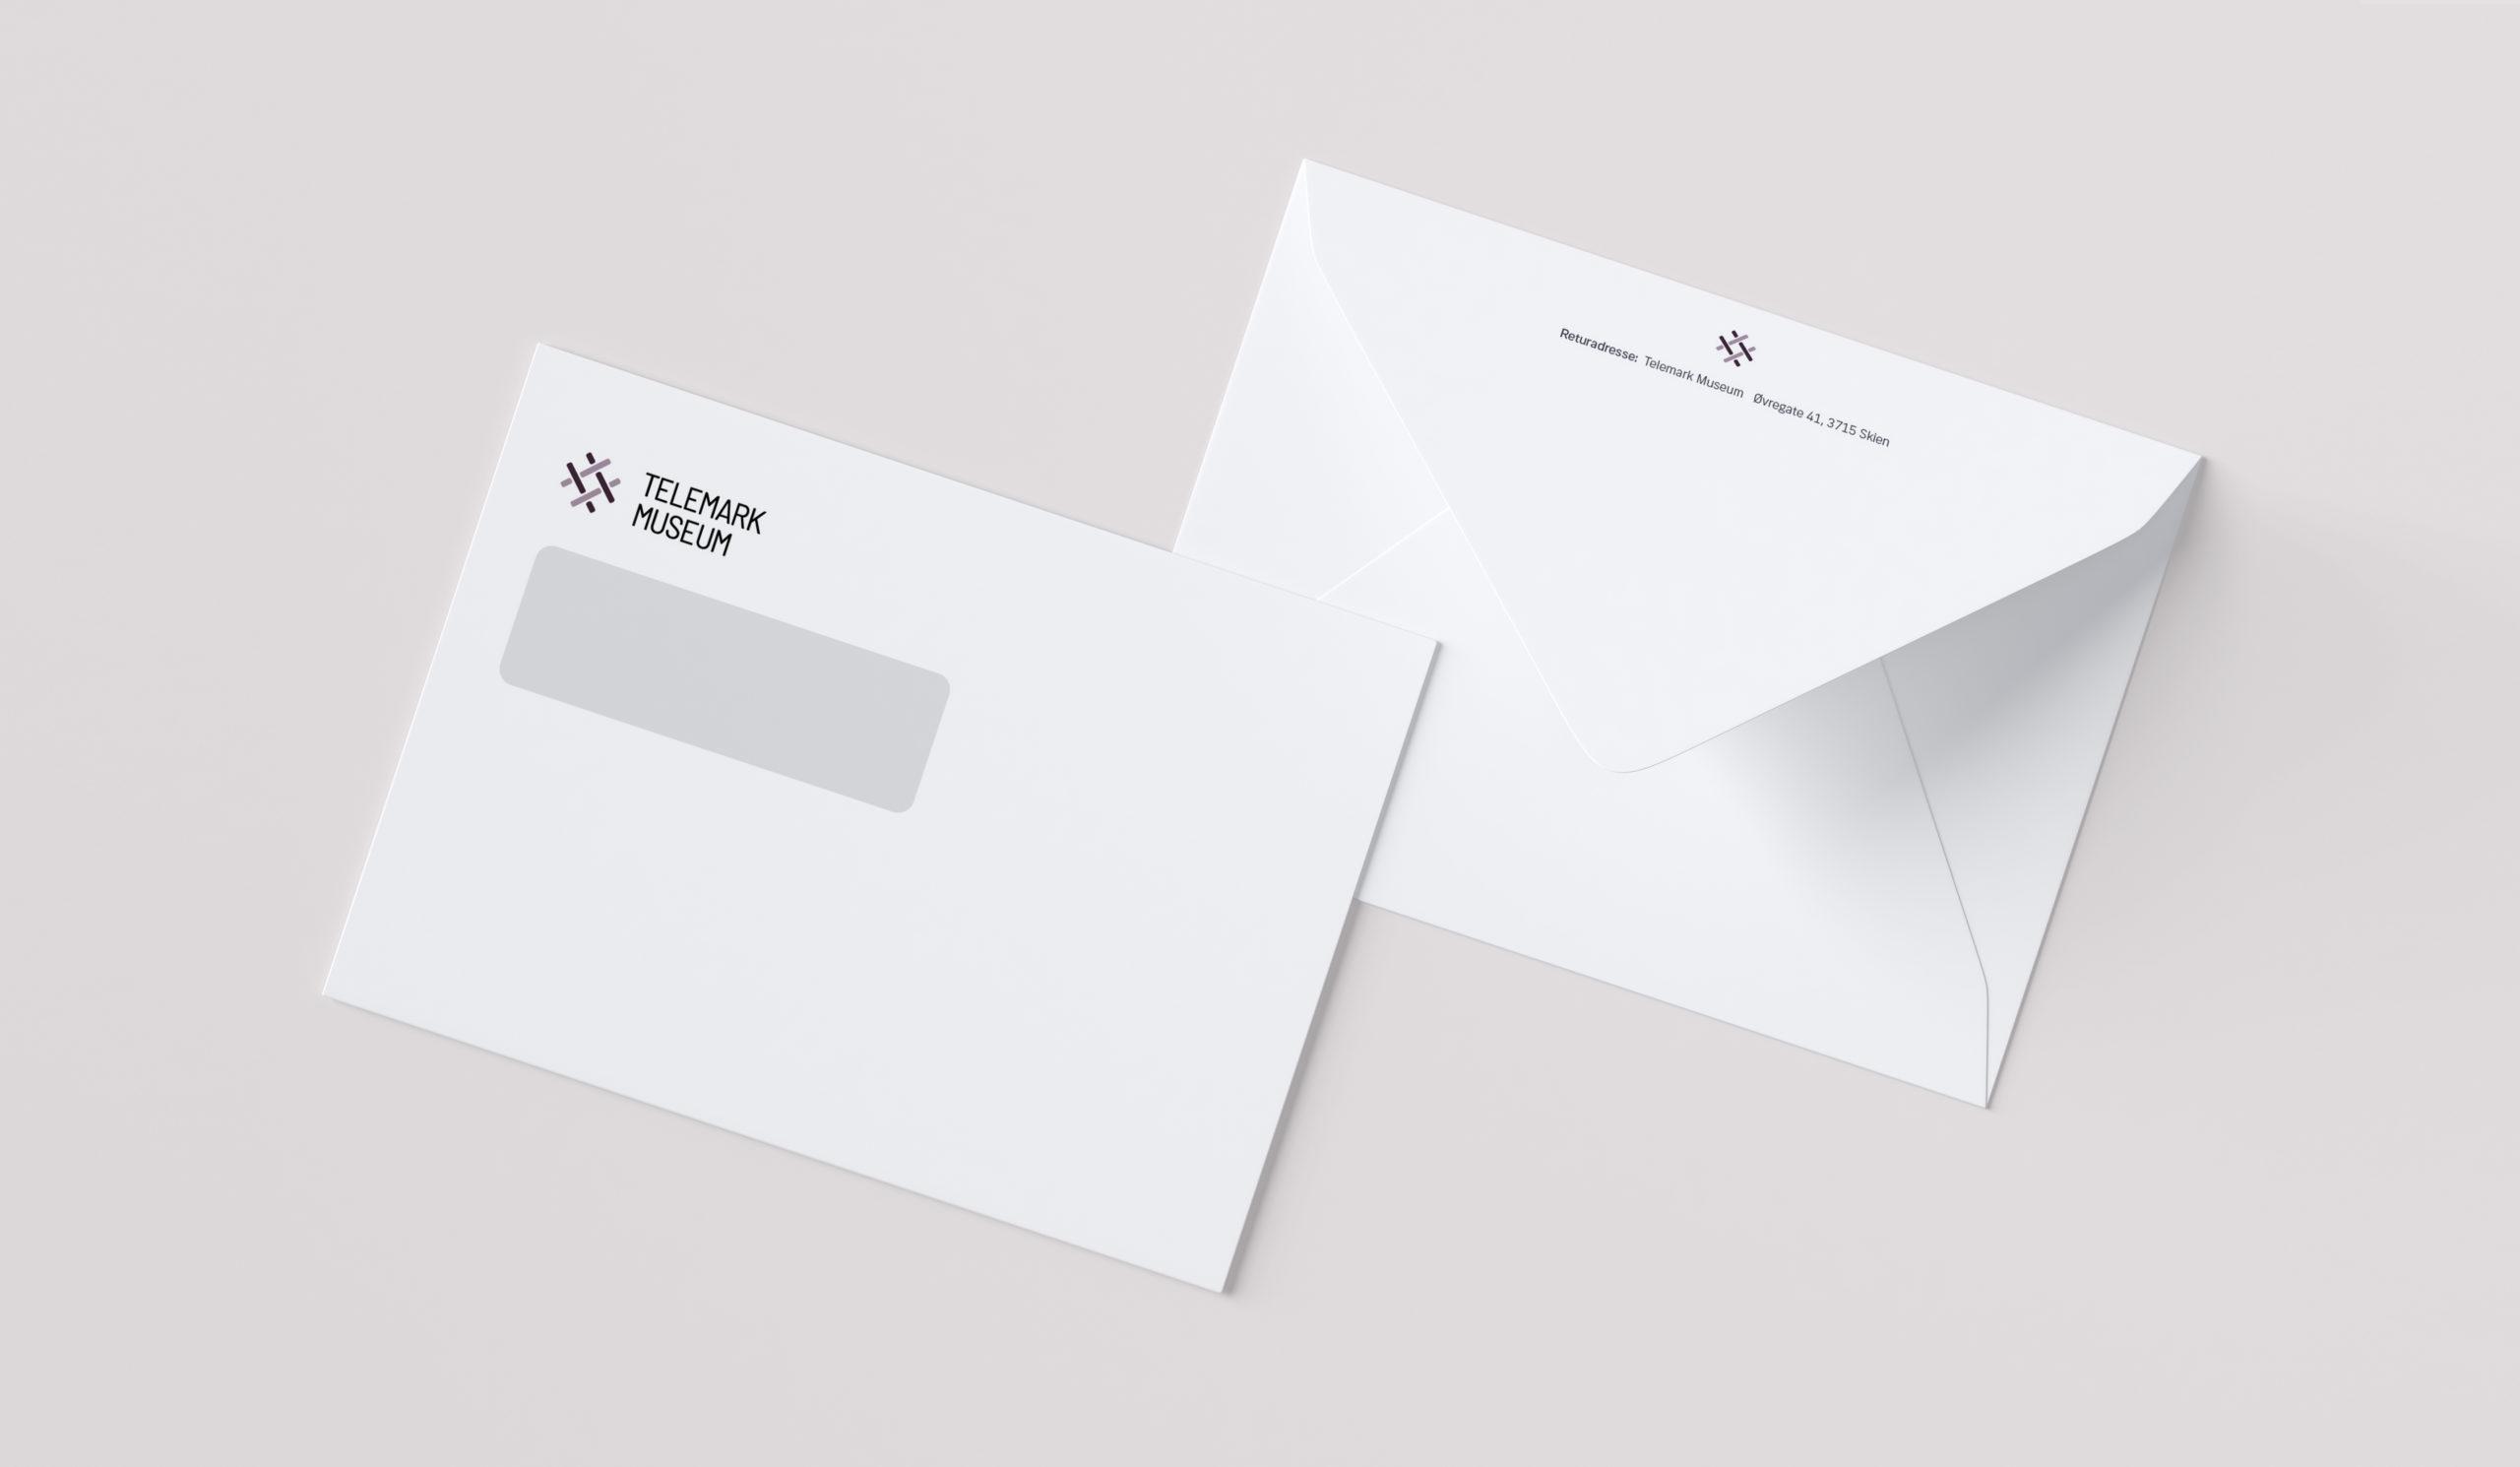 496004-a7-envelope-mockup-02